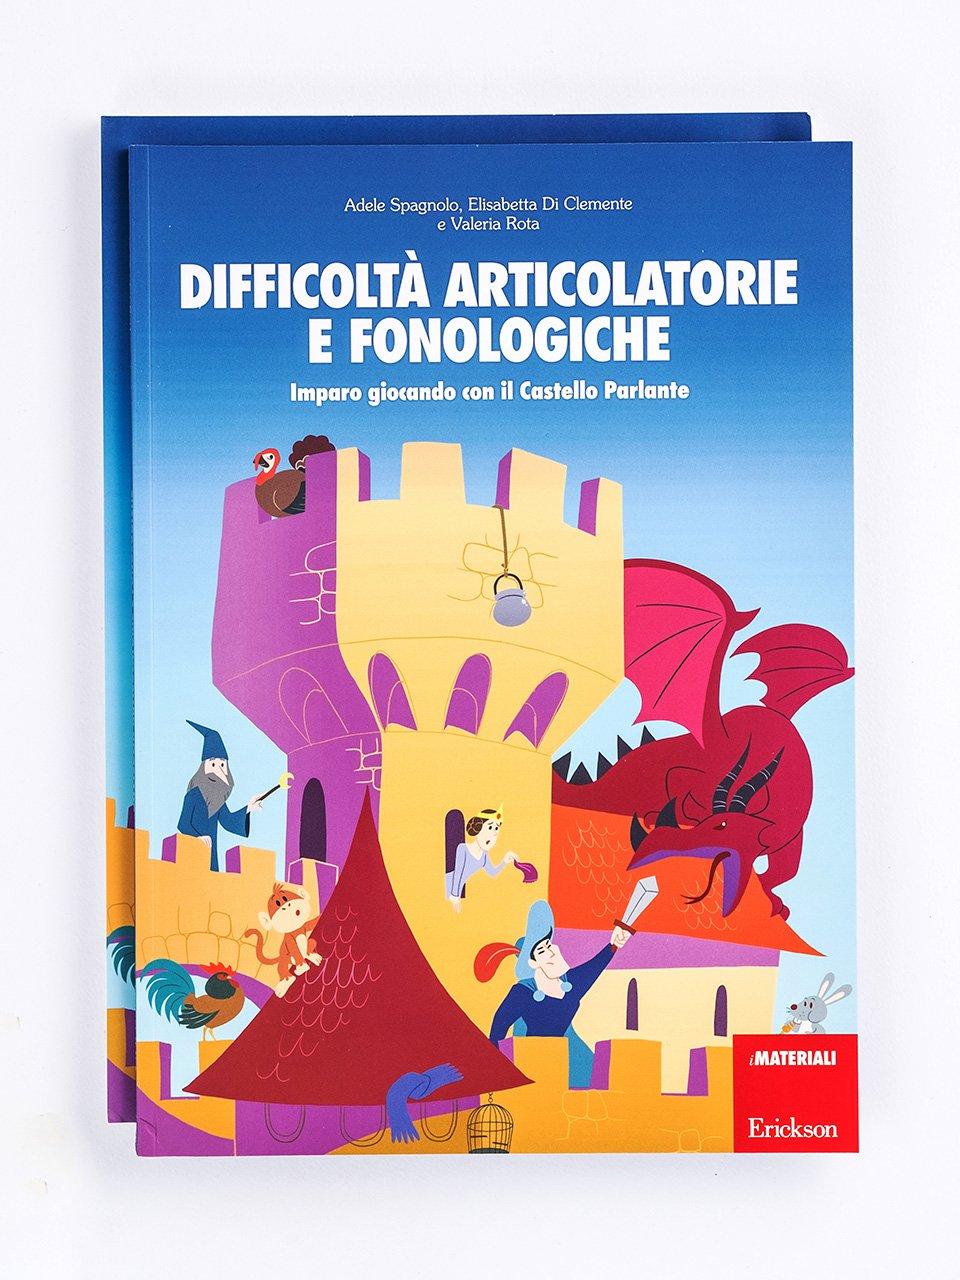 Difficoltà articolatorie e fonologiche - Un gioco di P.A.R.O.L.E. - Strumenti - Erickson